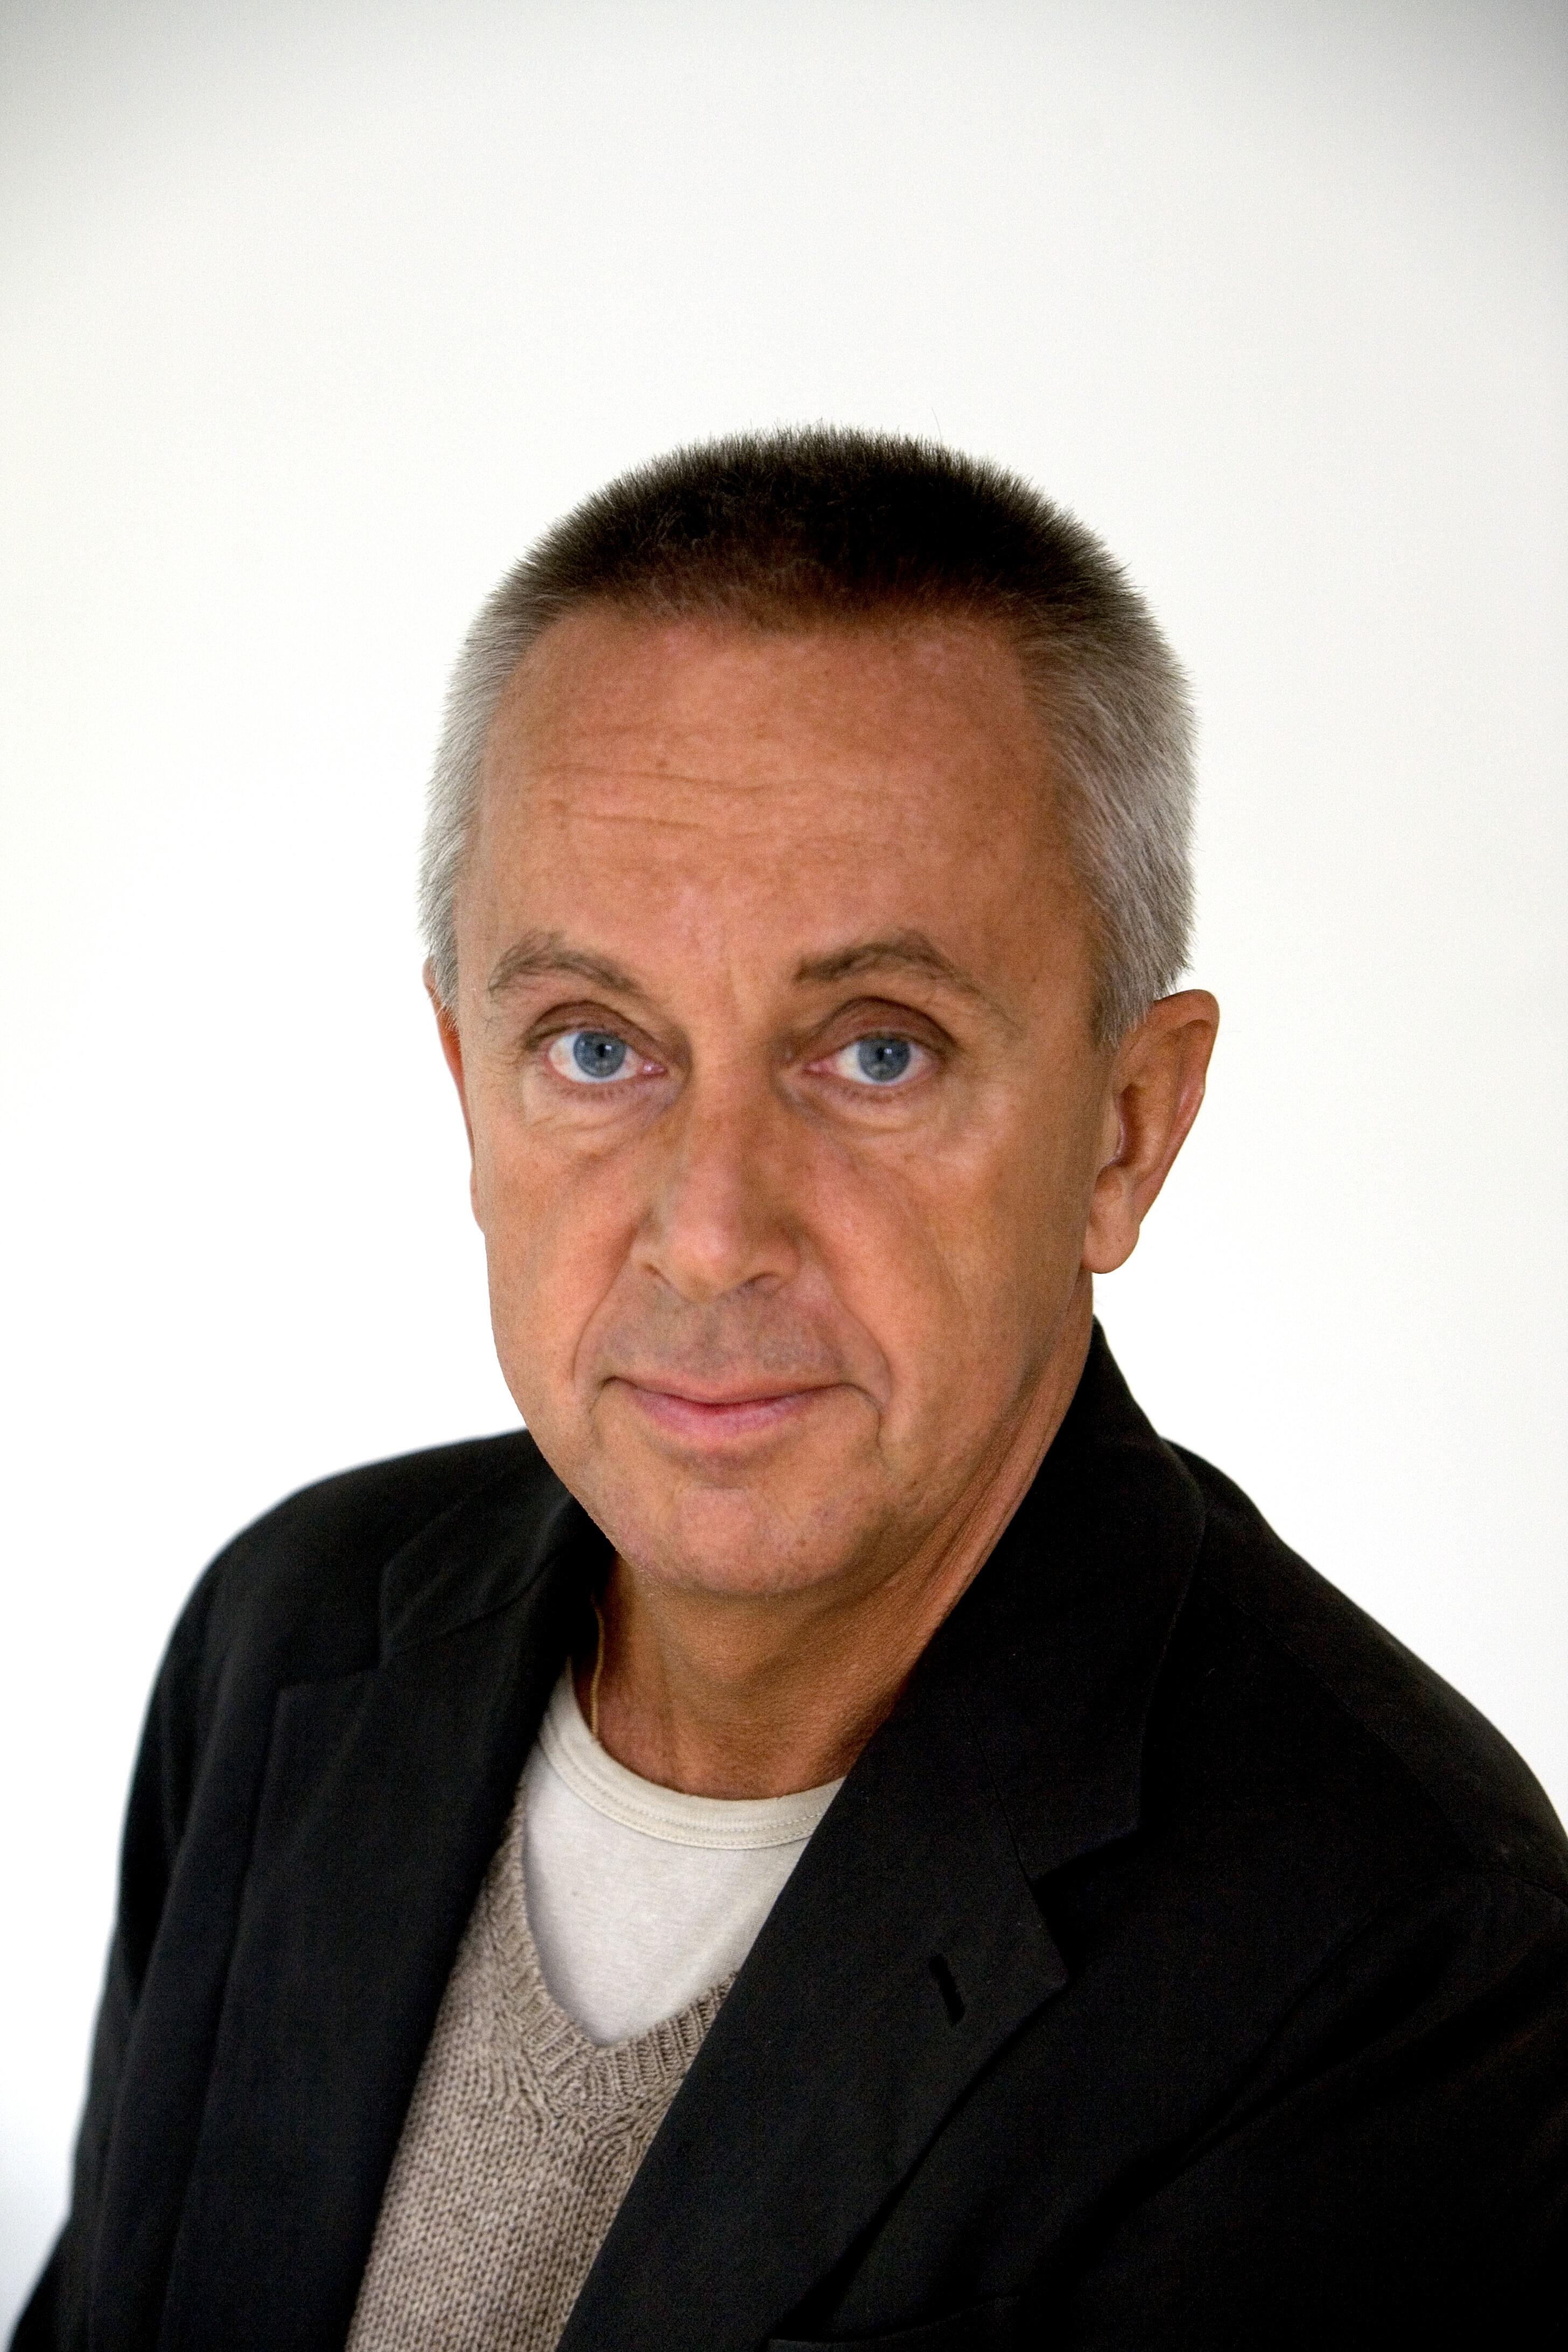 Christopher Gillberg till pressbilder